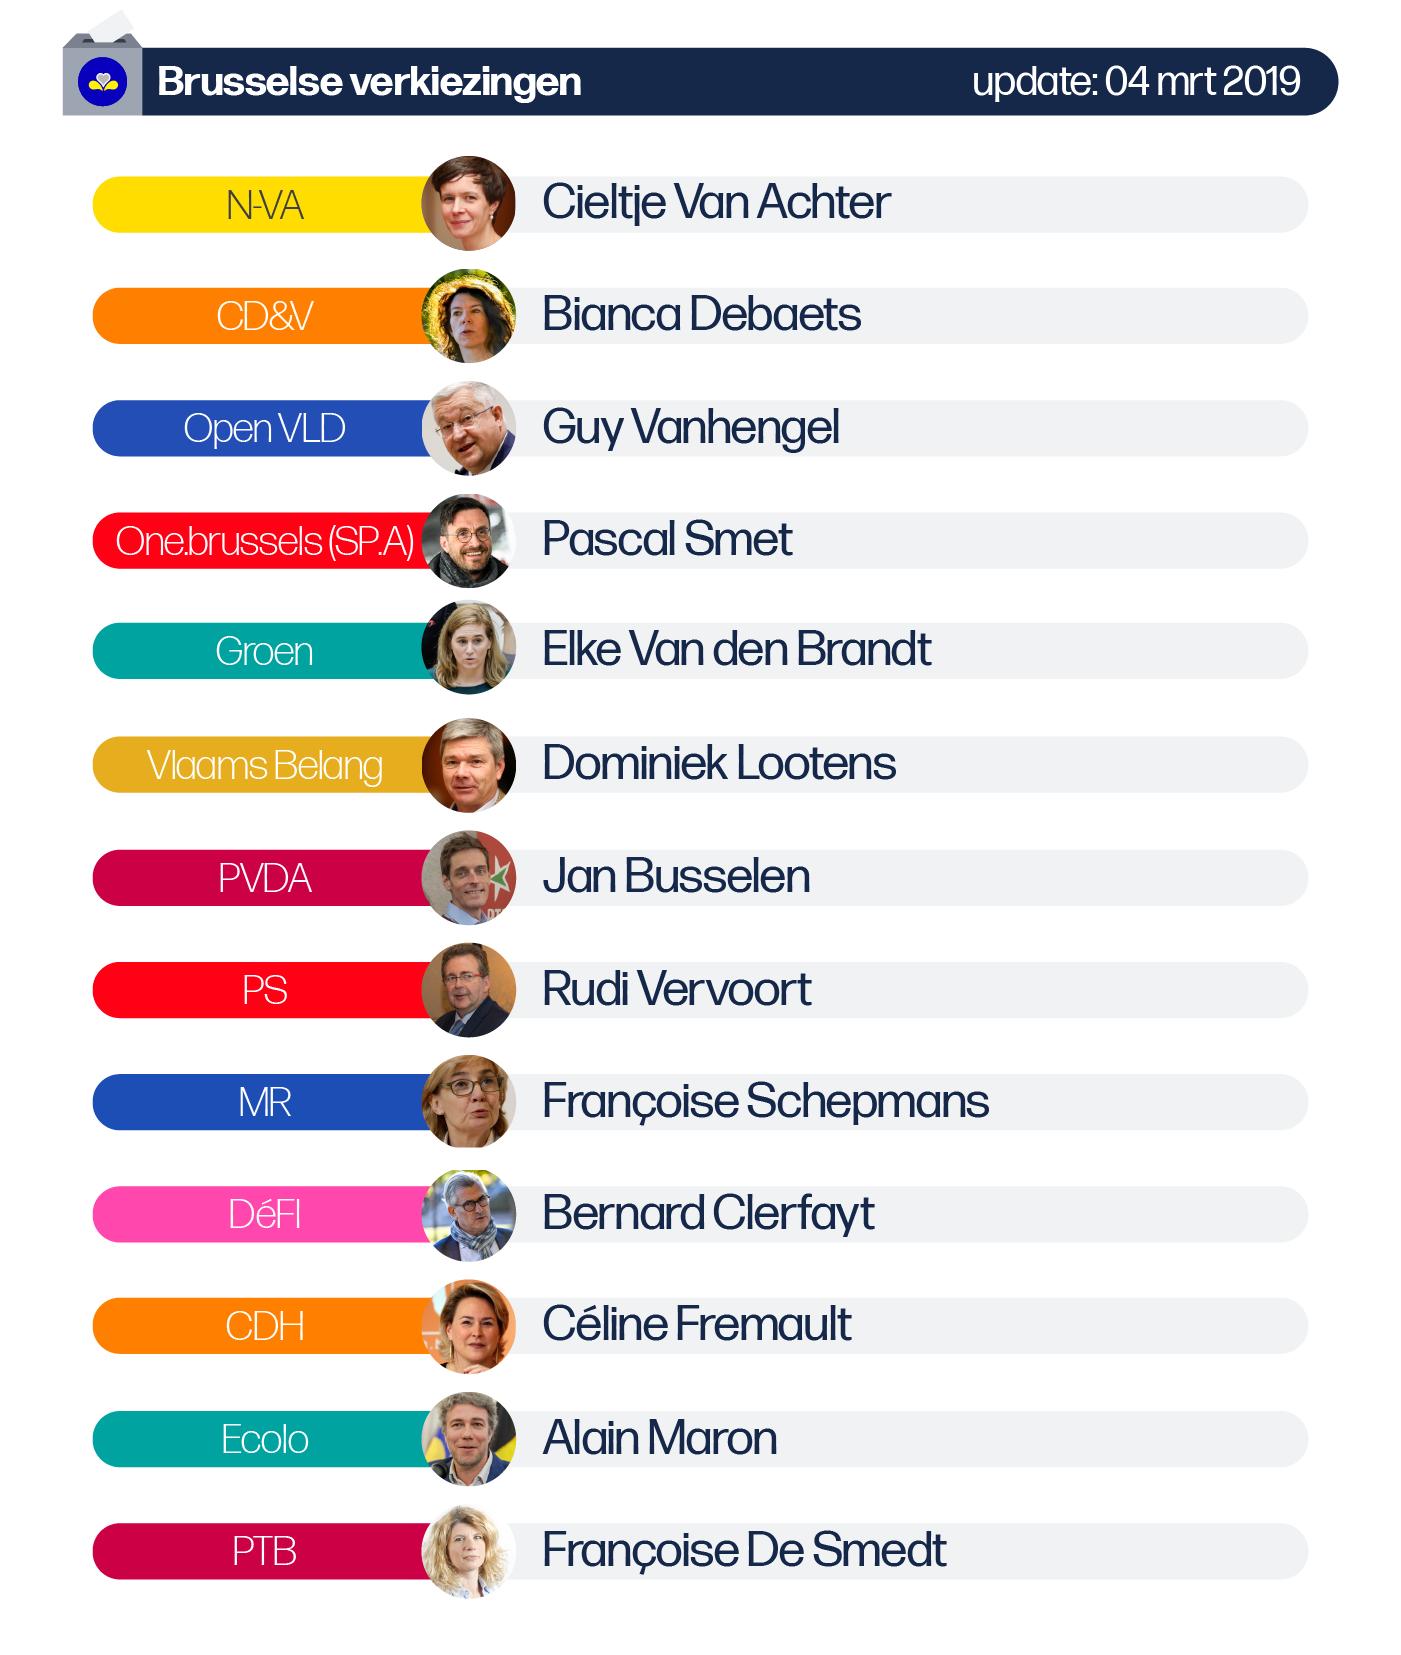 Deze afbeelding omvat volgende lijsttrekkers voor de Federale verkiezingen van de provincie Antwerpen: N-VA: Jan Jambon, CD&V: Servais Verherstraeten, SP.A: Yasmine Kherbache, Vlaams Belang: Tom Van Grieken, PVDA: Peter Mertens